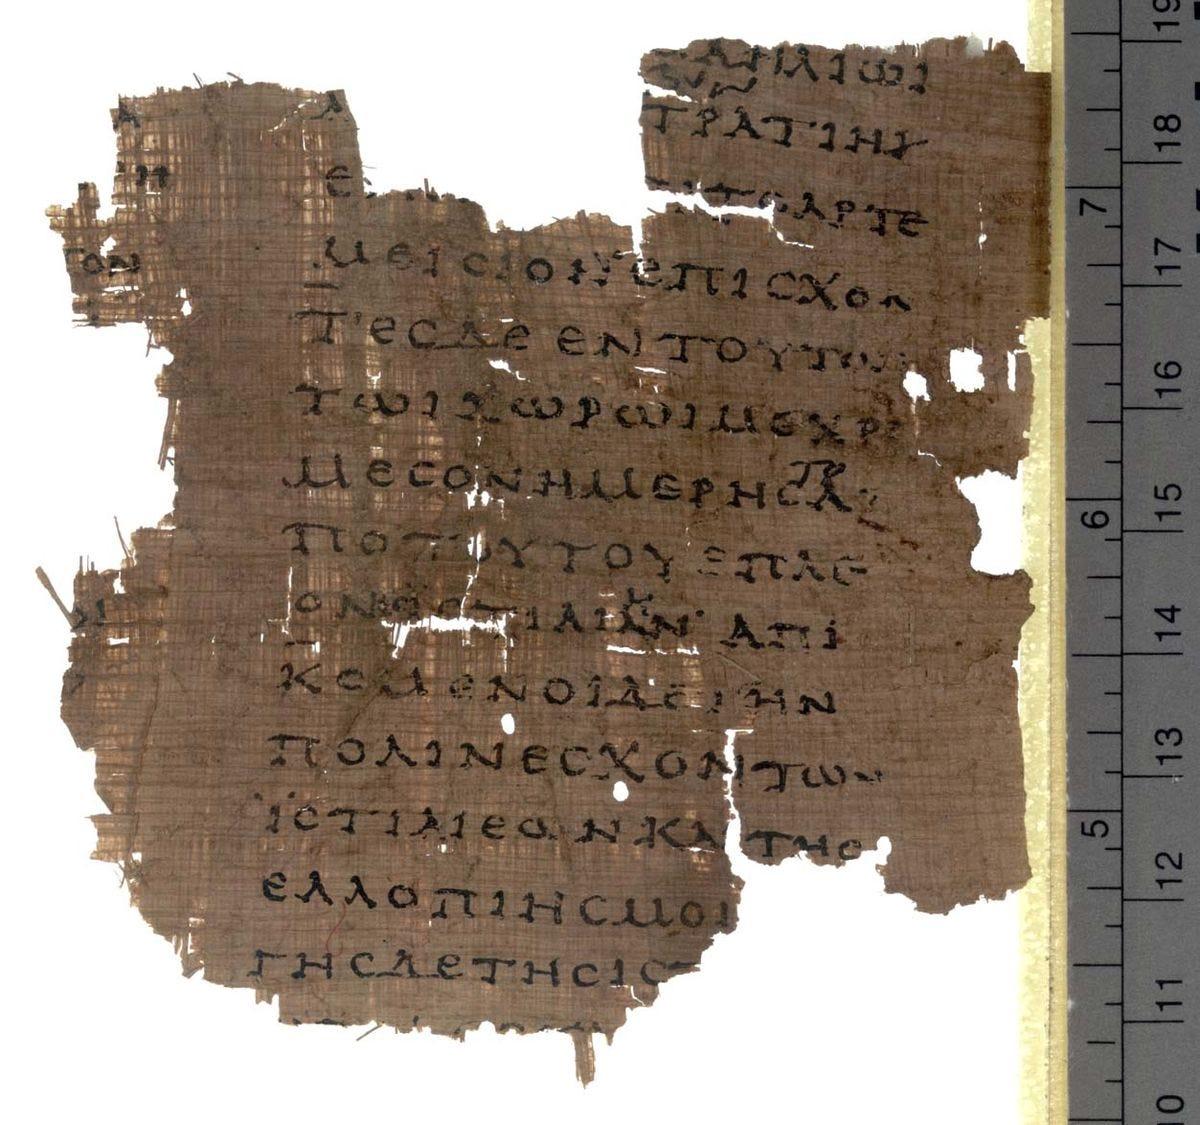 Histories (Herodotus) - Wikipedia